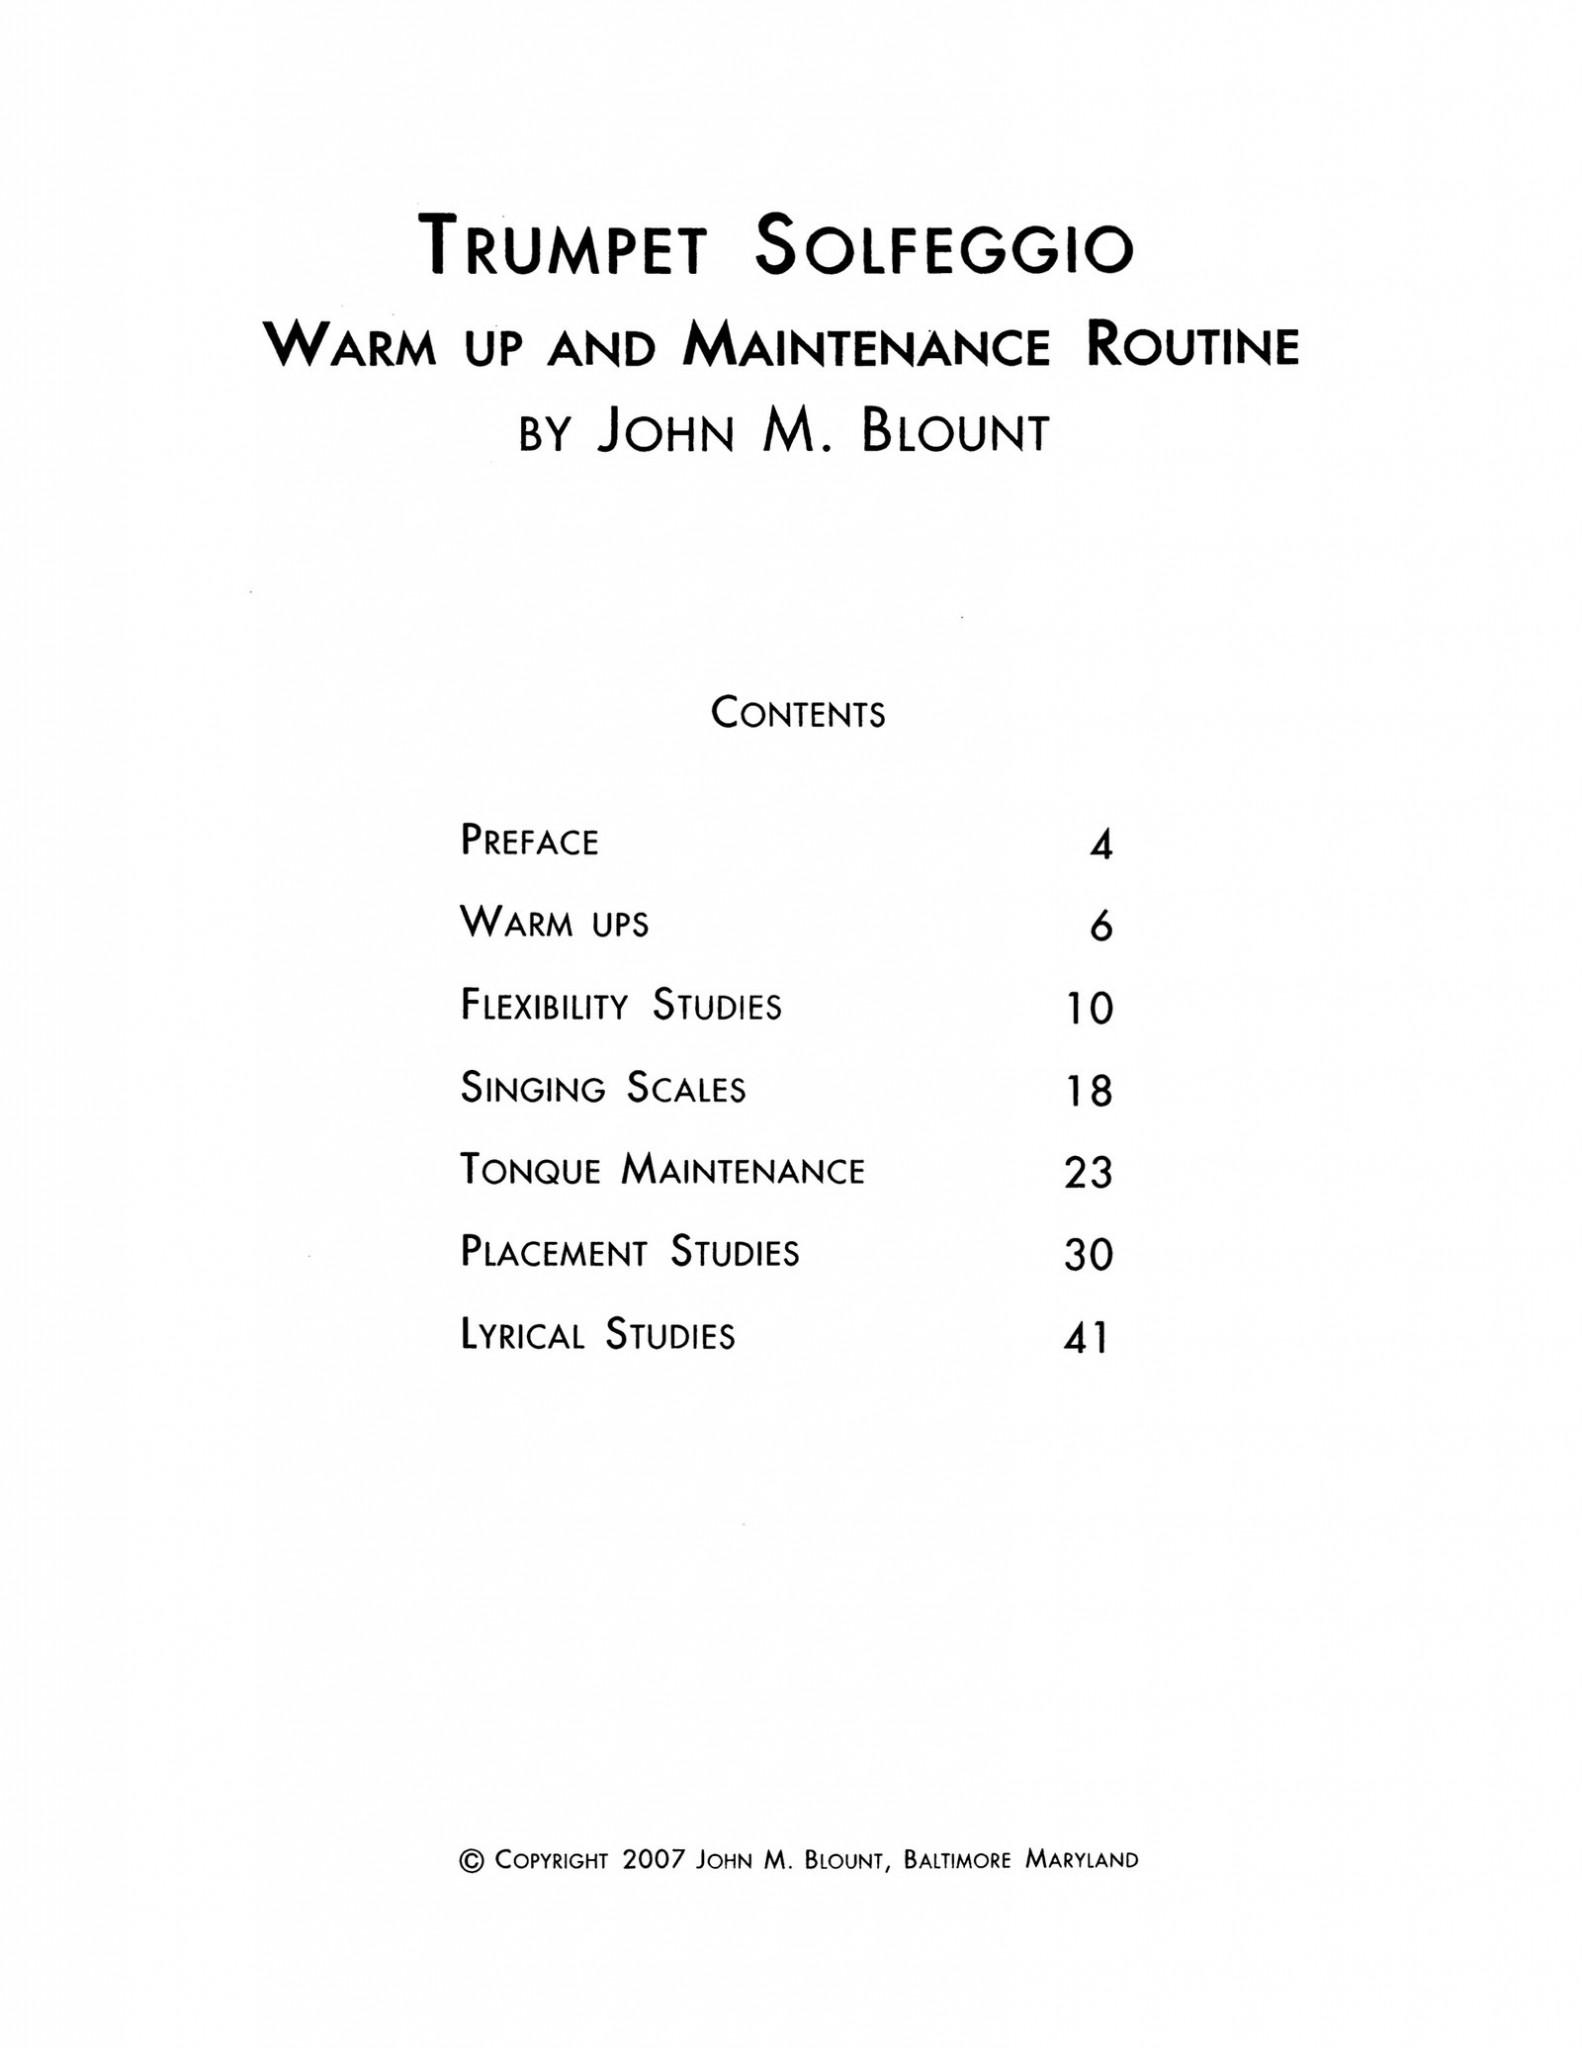 Blount Tpt Solfeggio 3